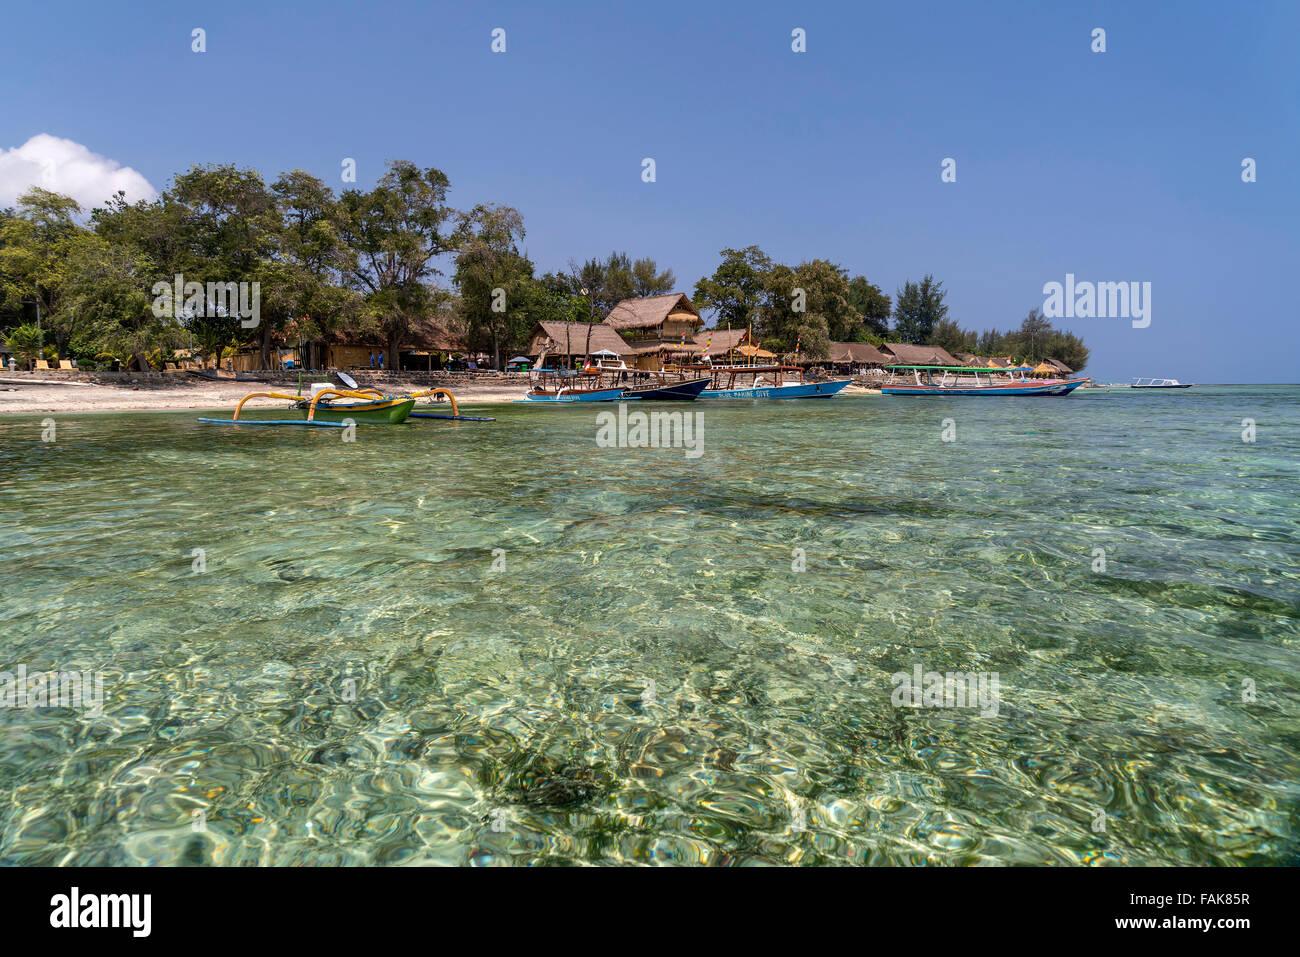 Plage sur la petite île de Gili Air, Lombok, Indonésie, Asi Photo Stock